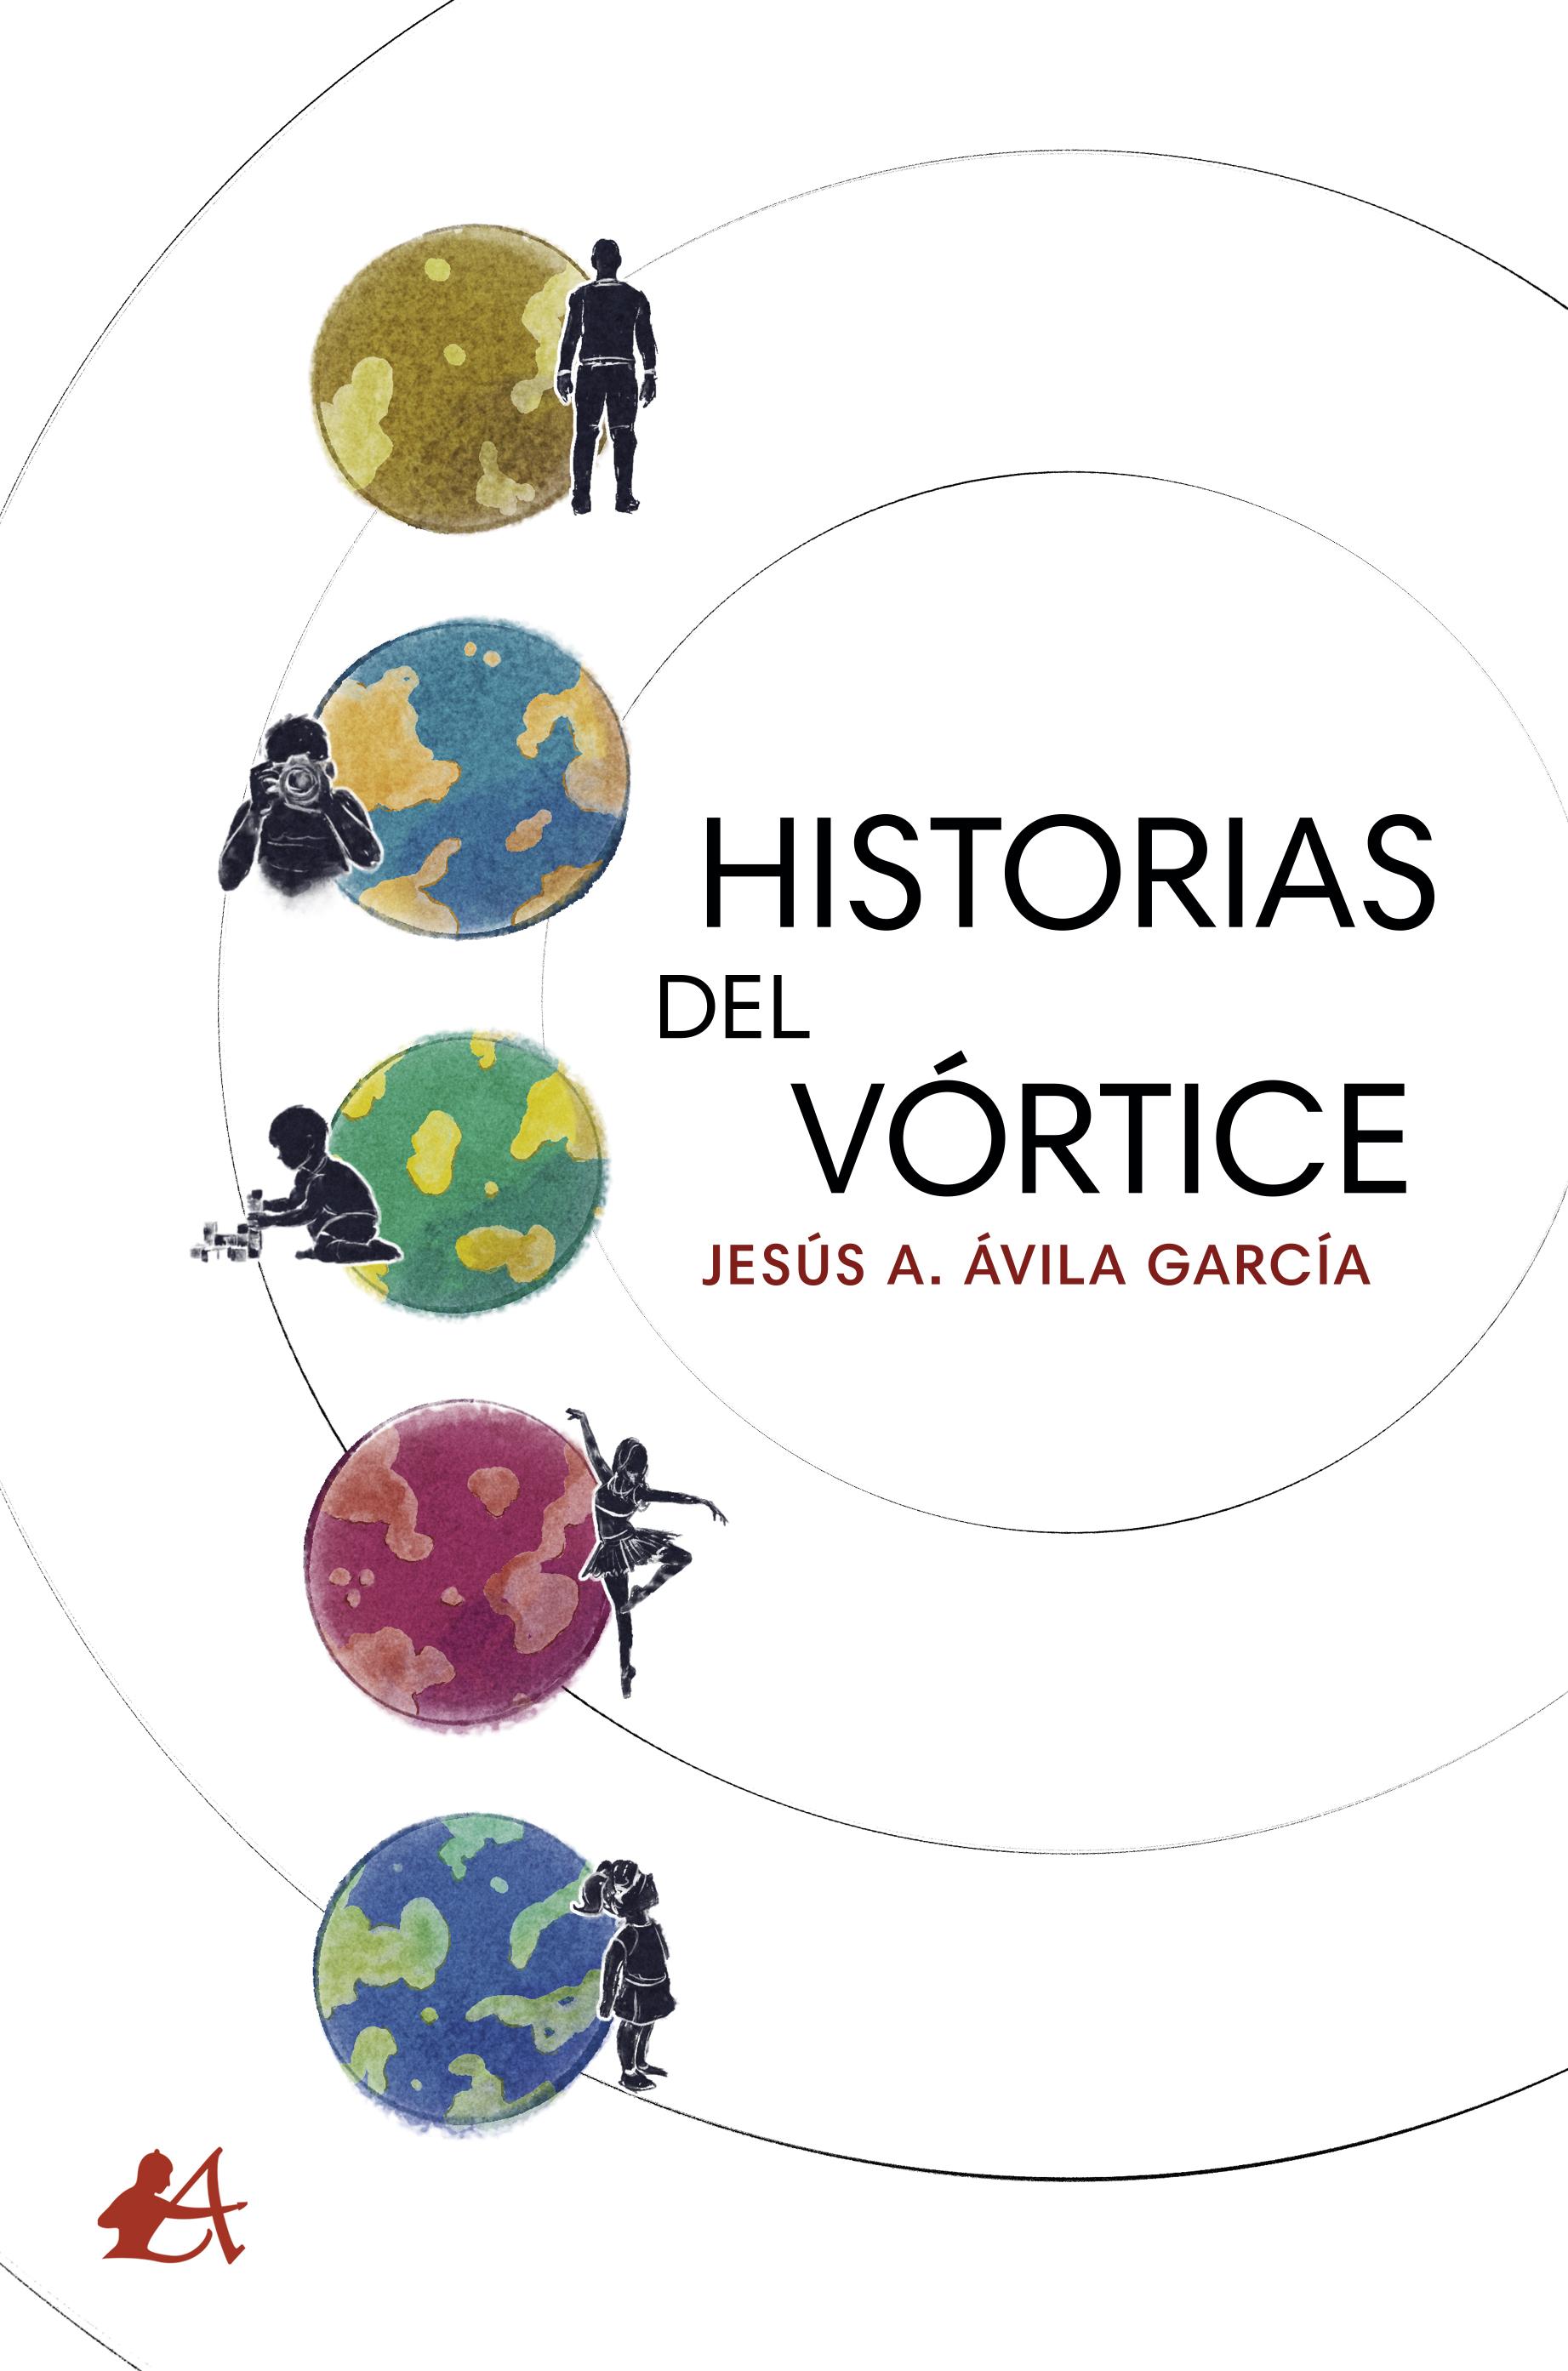 Portada del libro Historias del vórtice de Jesús A Ávila García. Editorial Adarve, Escritores de hoy